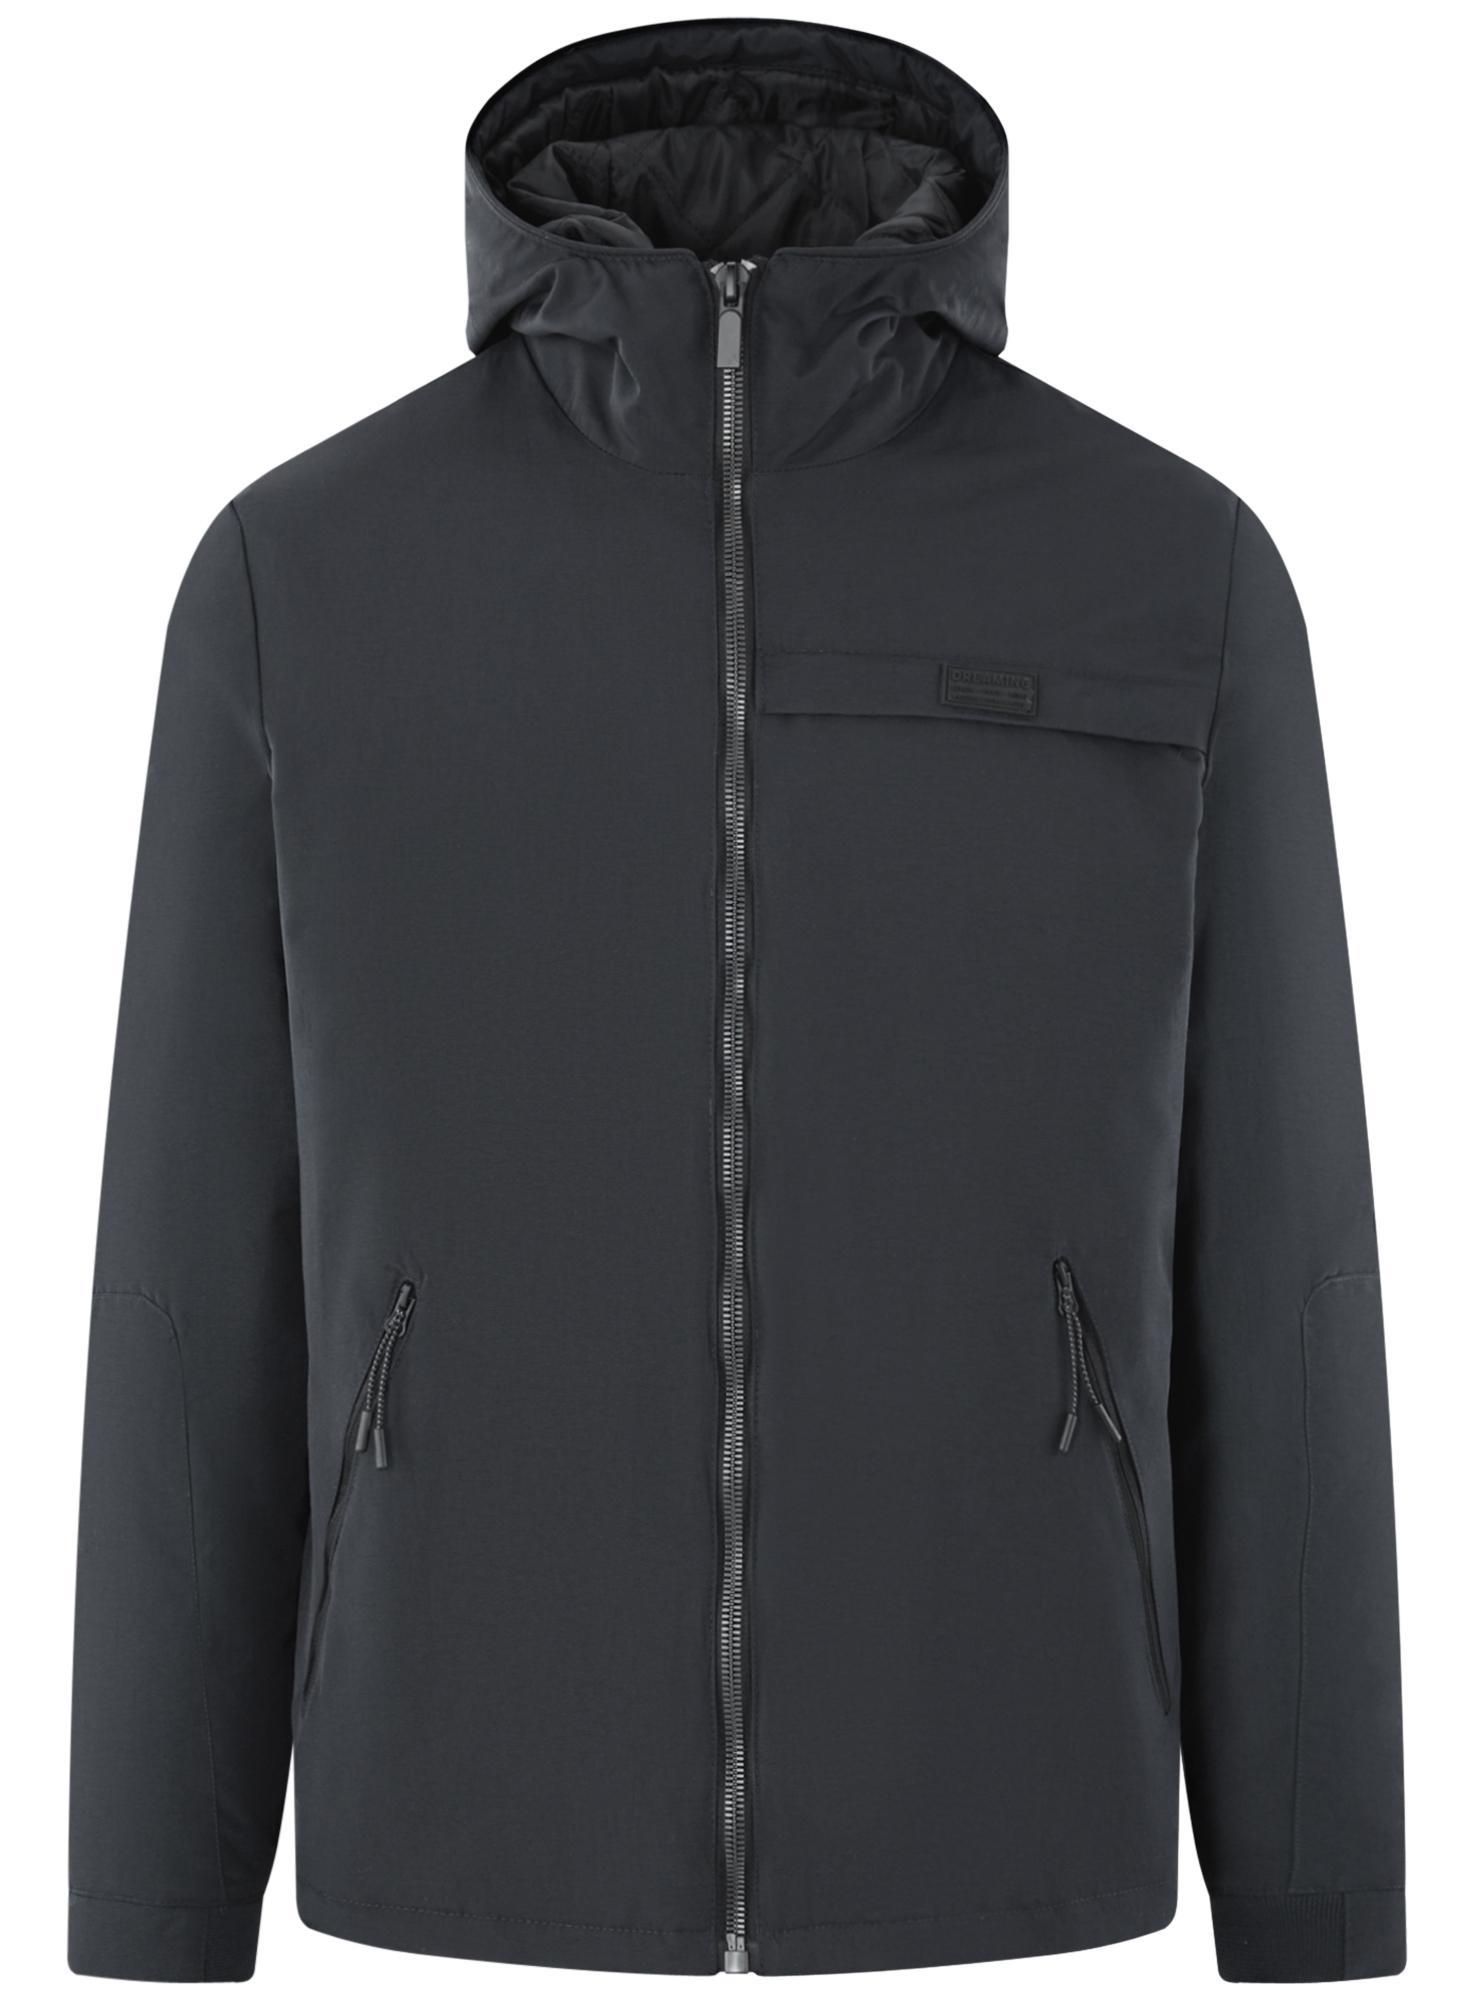 Куртка на молнии с капюшоном oodji для мужчины (синий), 1L515017M/46215N/7929N